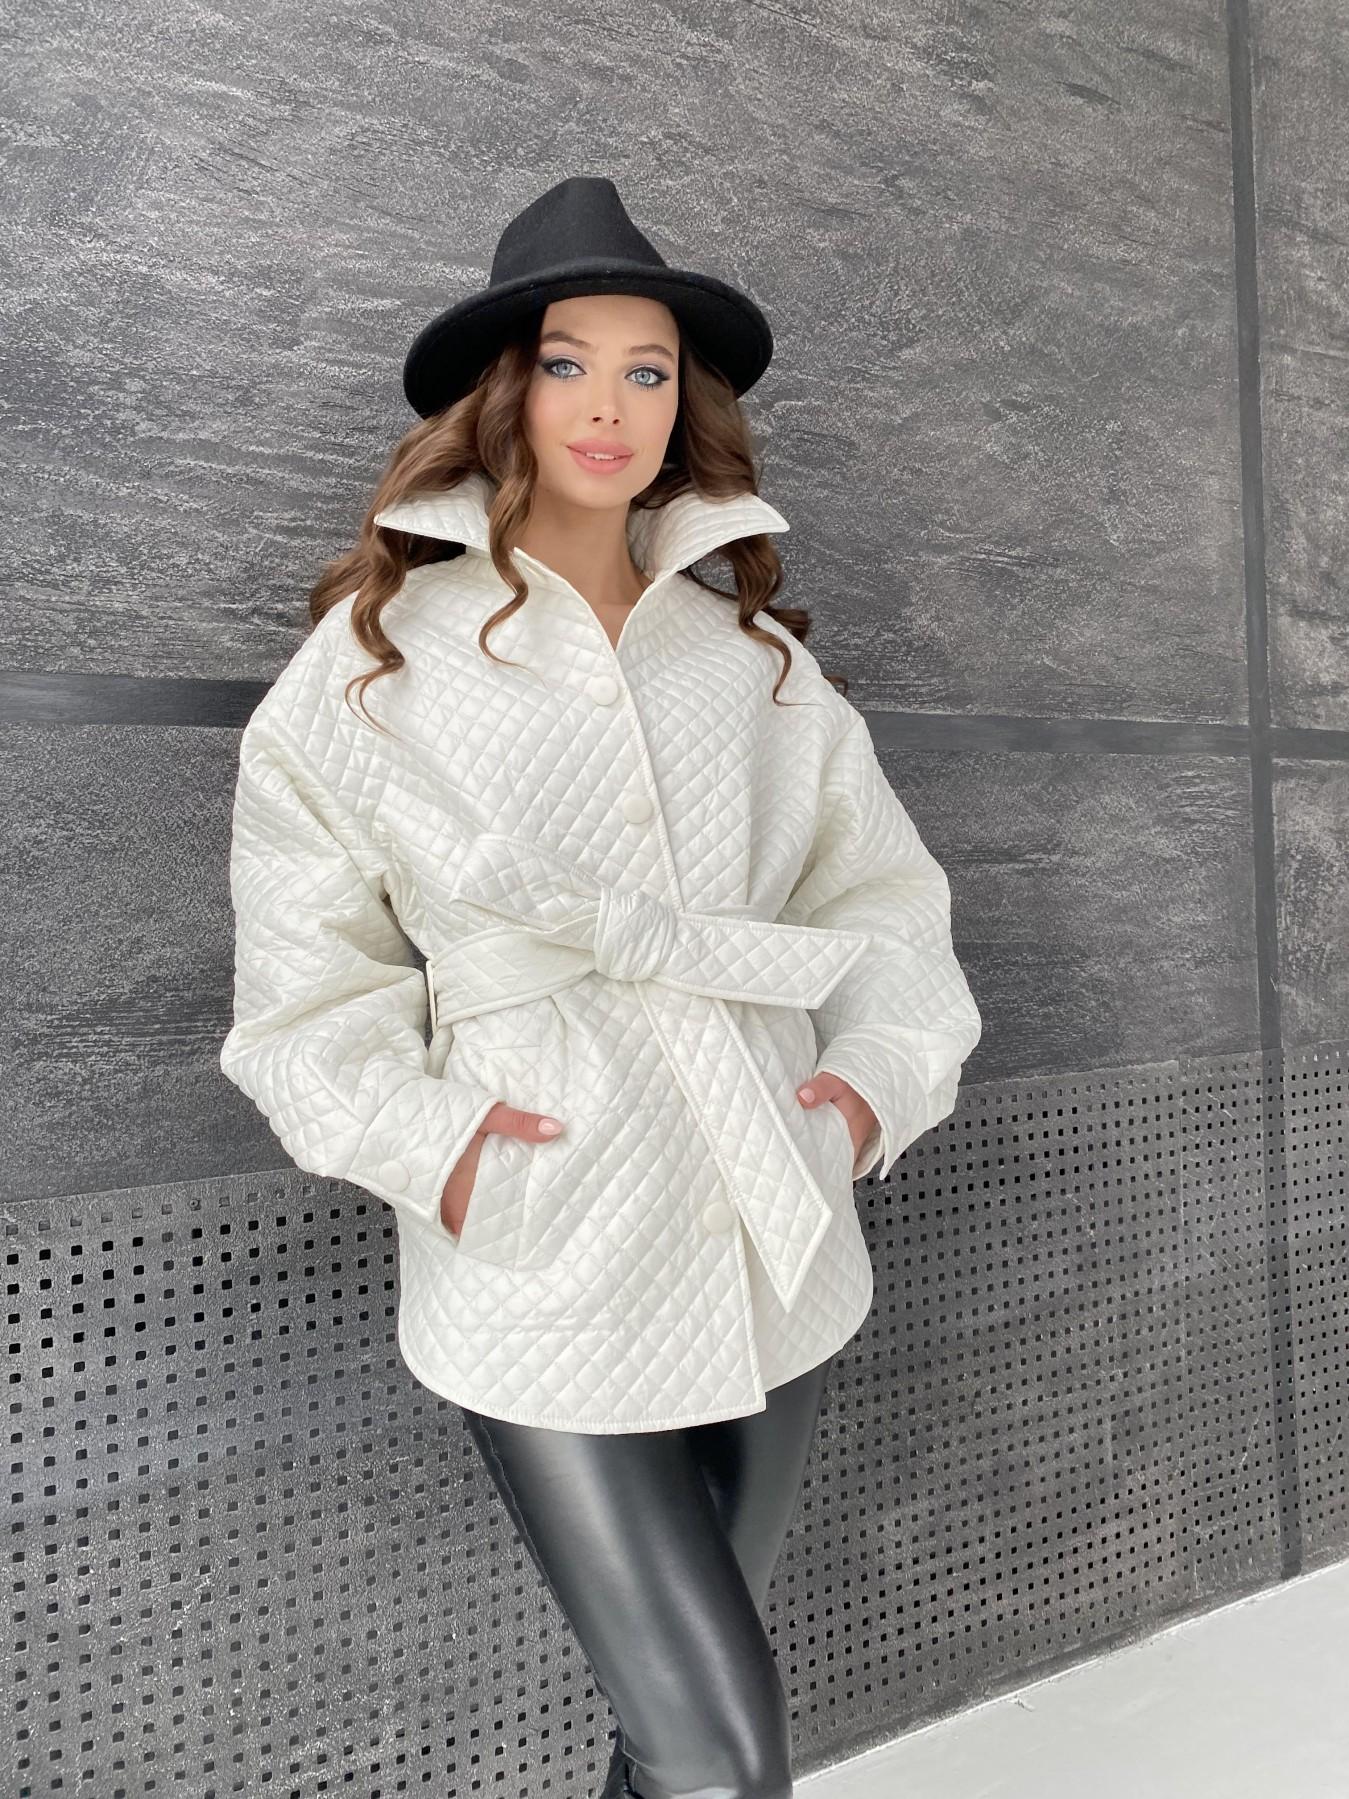 Моно куртка стеганая из  плащевой ткани 11045 АРТ. 47530 Цвет: Молоко - фото 10, интернет магазин tm-modus.ru